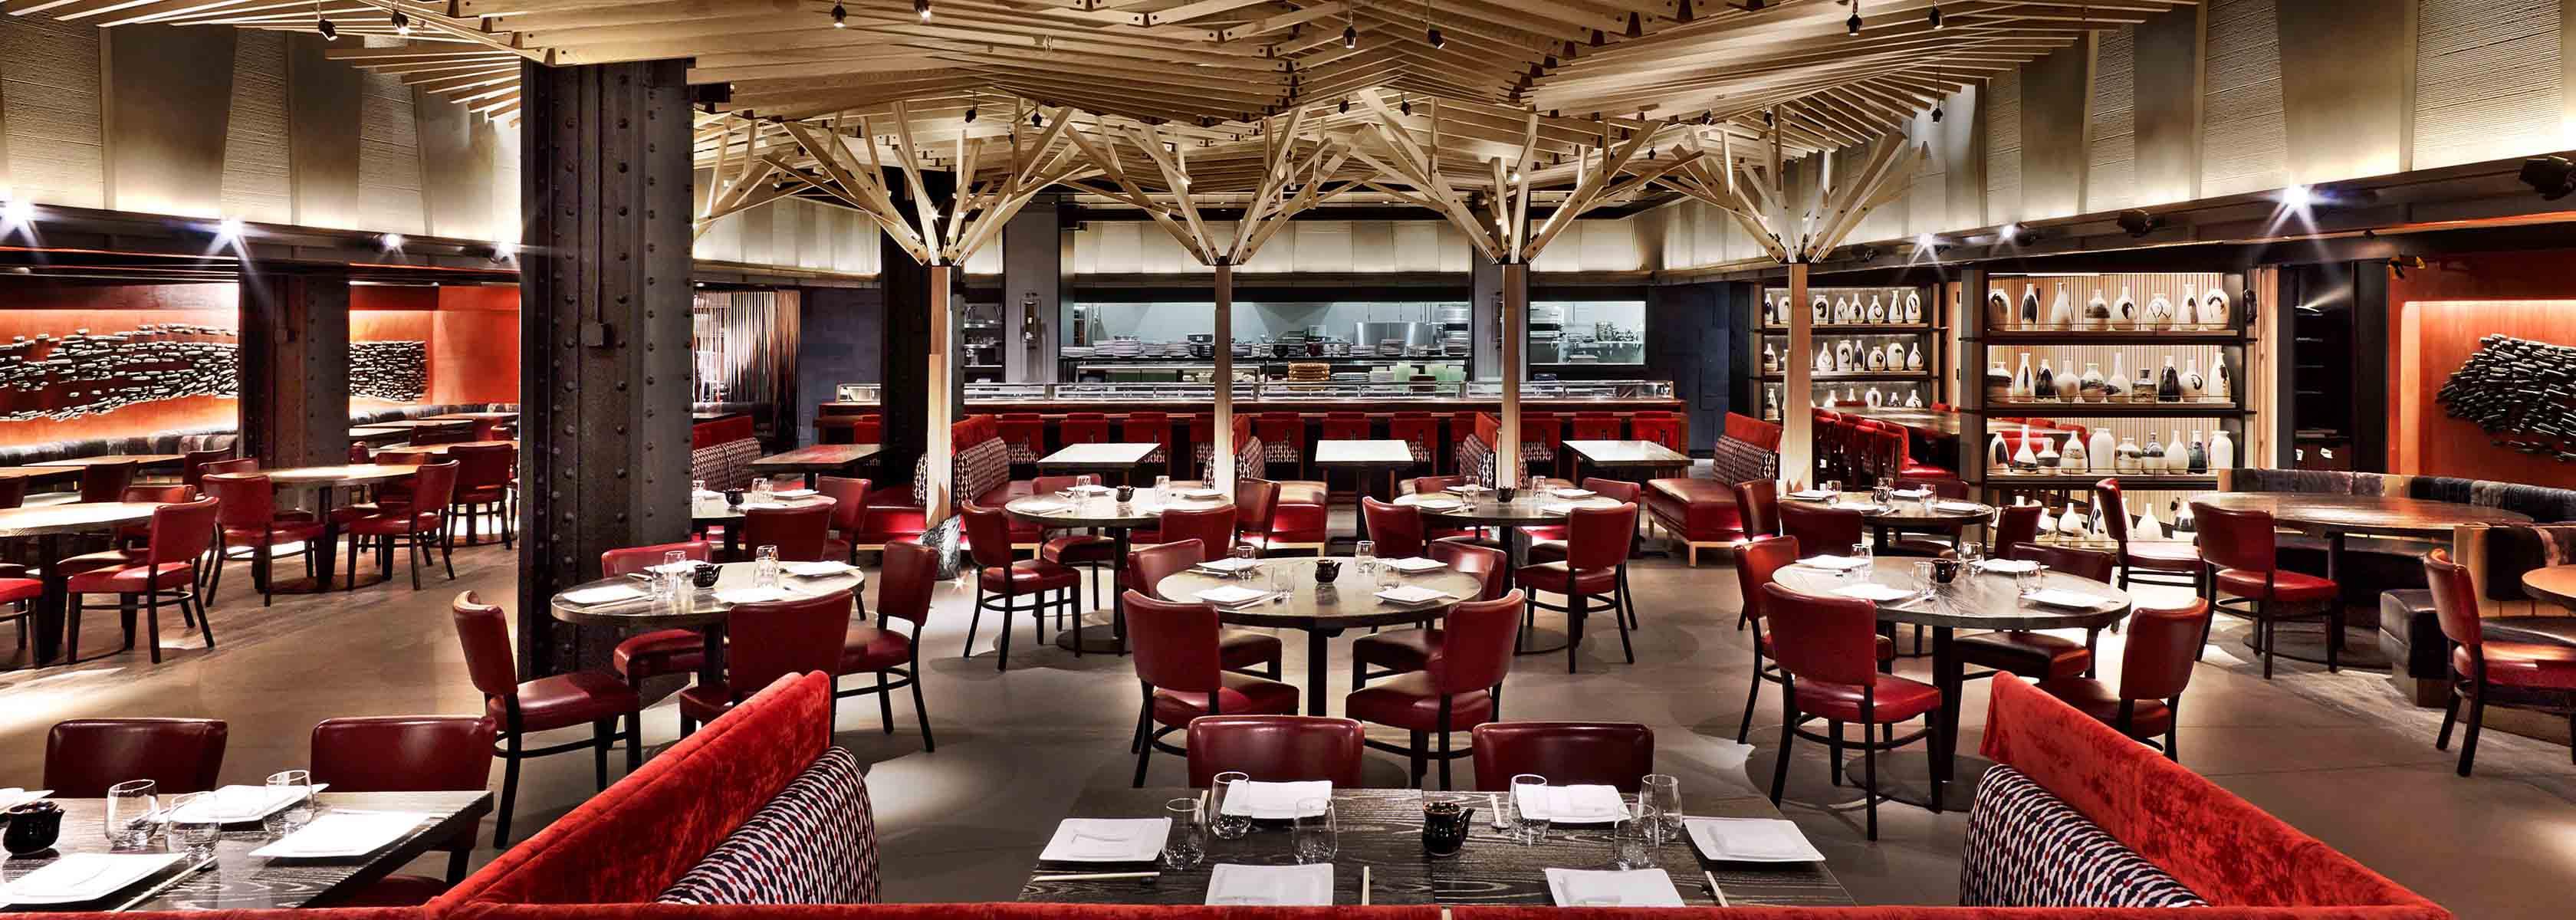 Uptown Dallas Restaurants